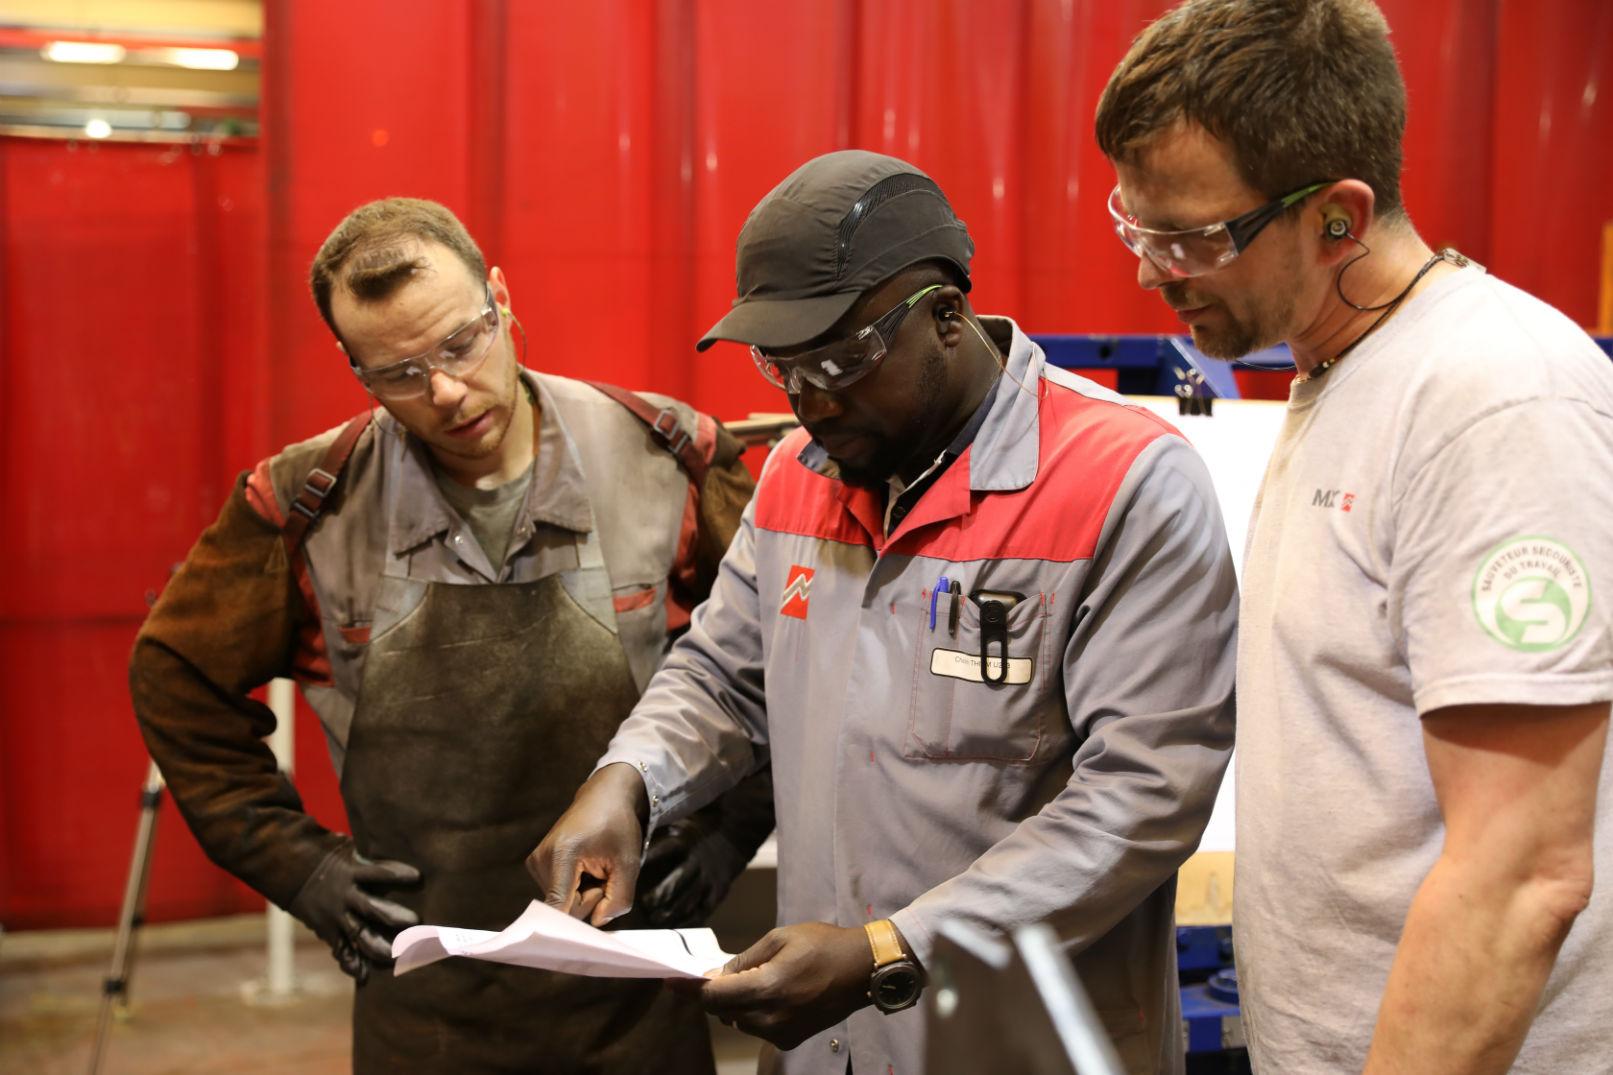 Recrutement: Technicien(ne) Qualité interne F/H chez MX à Acigné